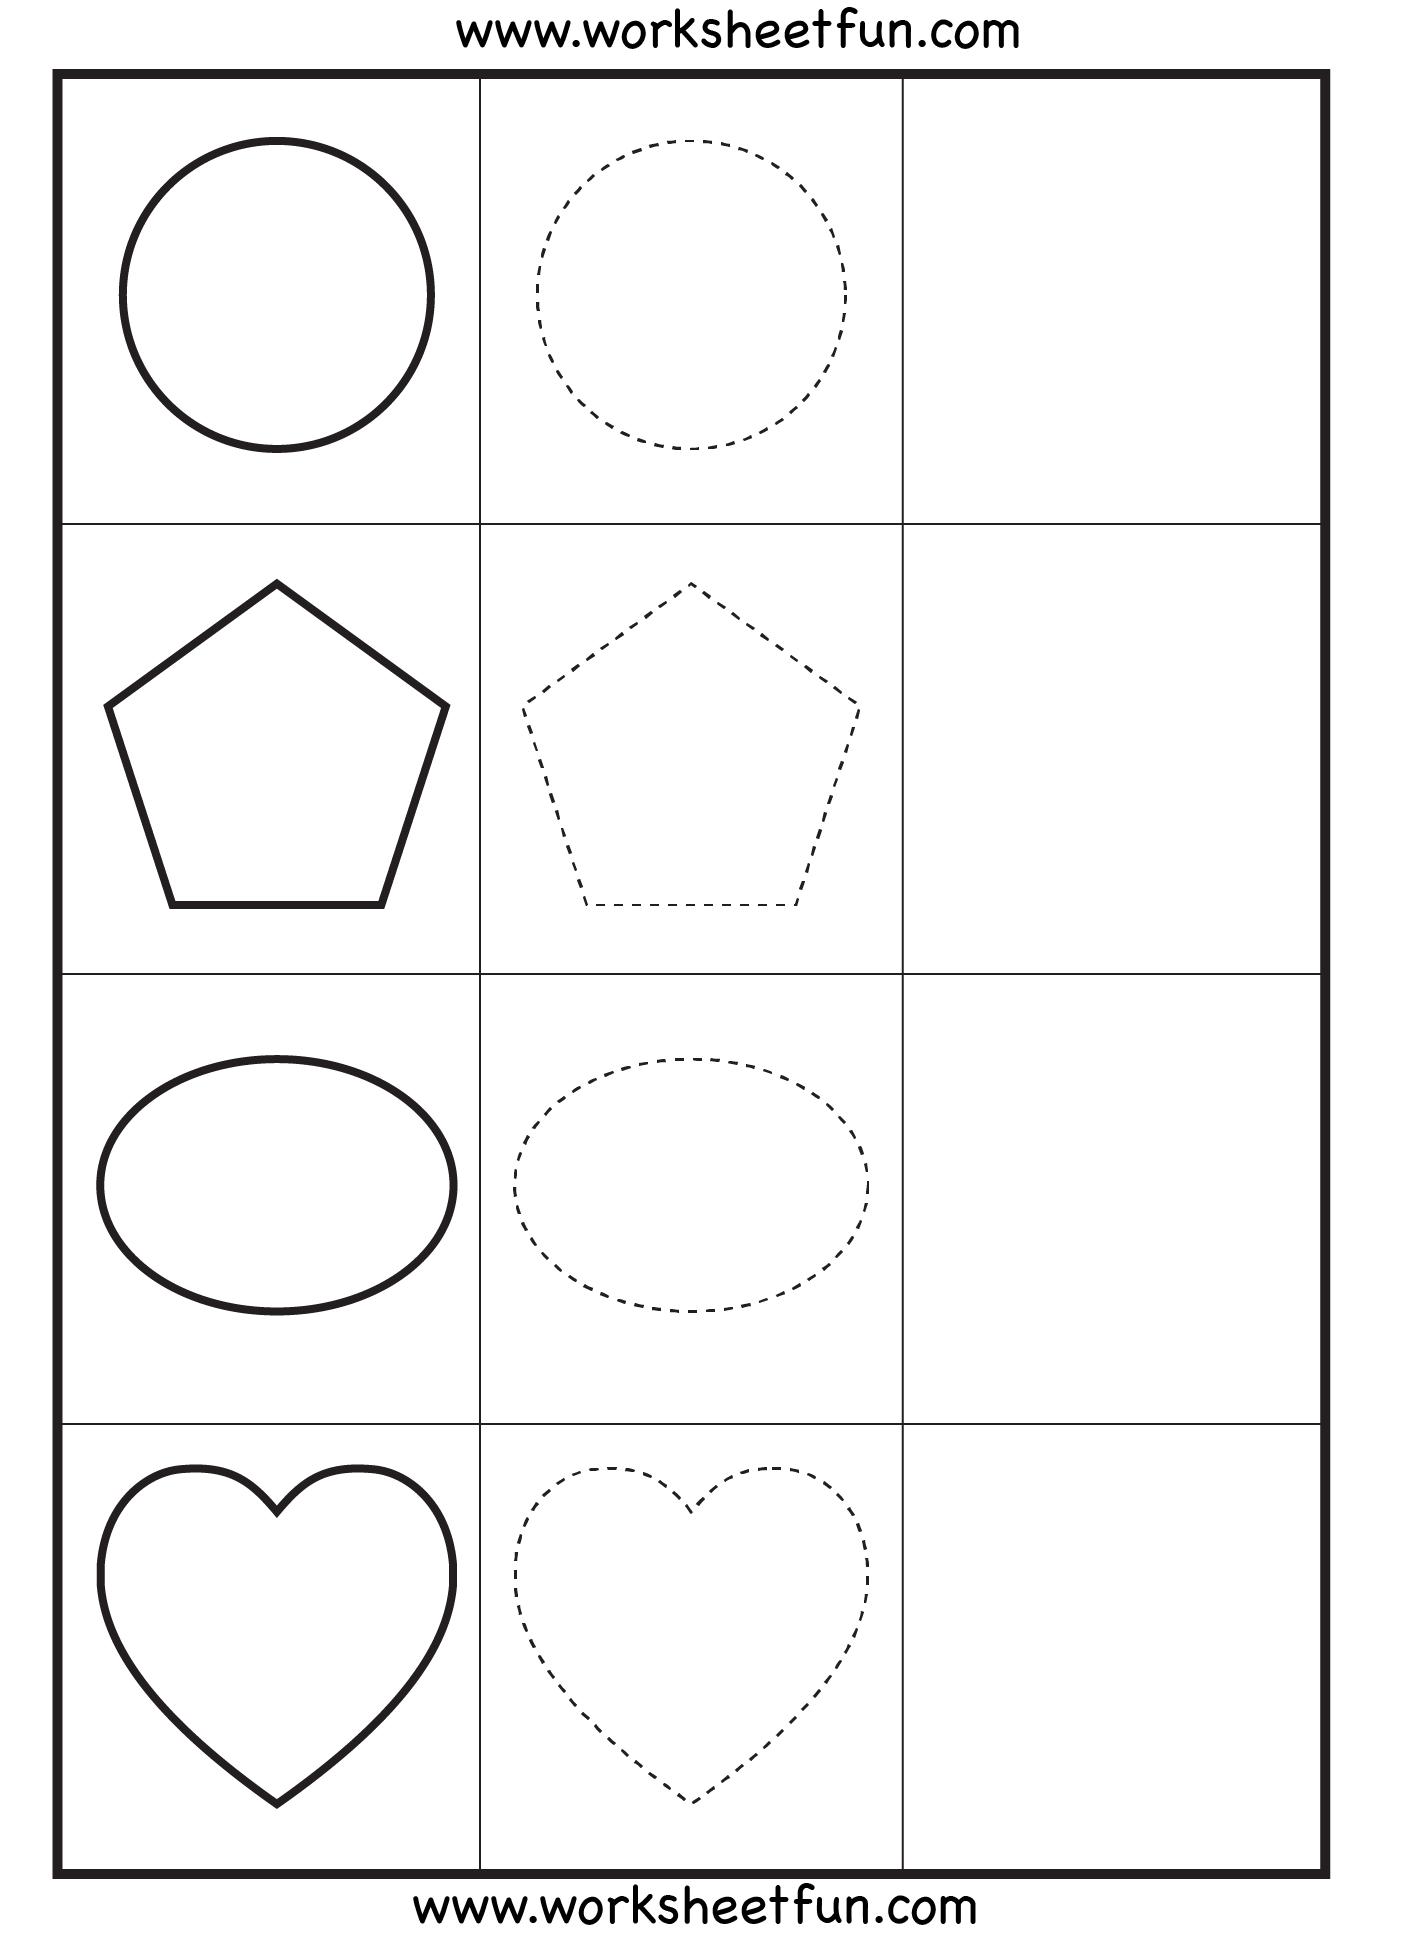 shapes tracing 3 worksheets printable worksheets. Black Bedroom Furniture Sets. Home Design Ideas